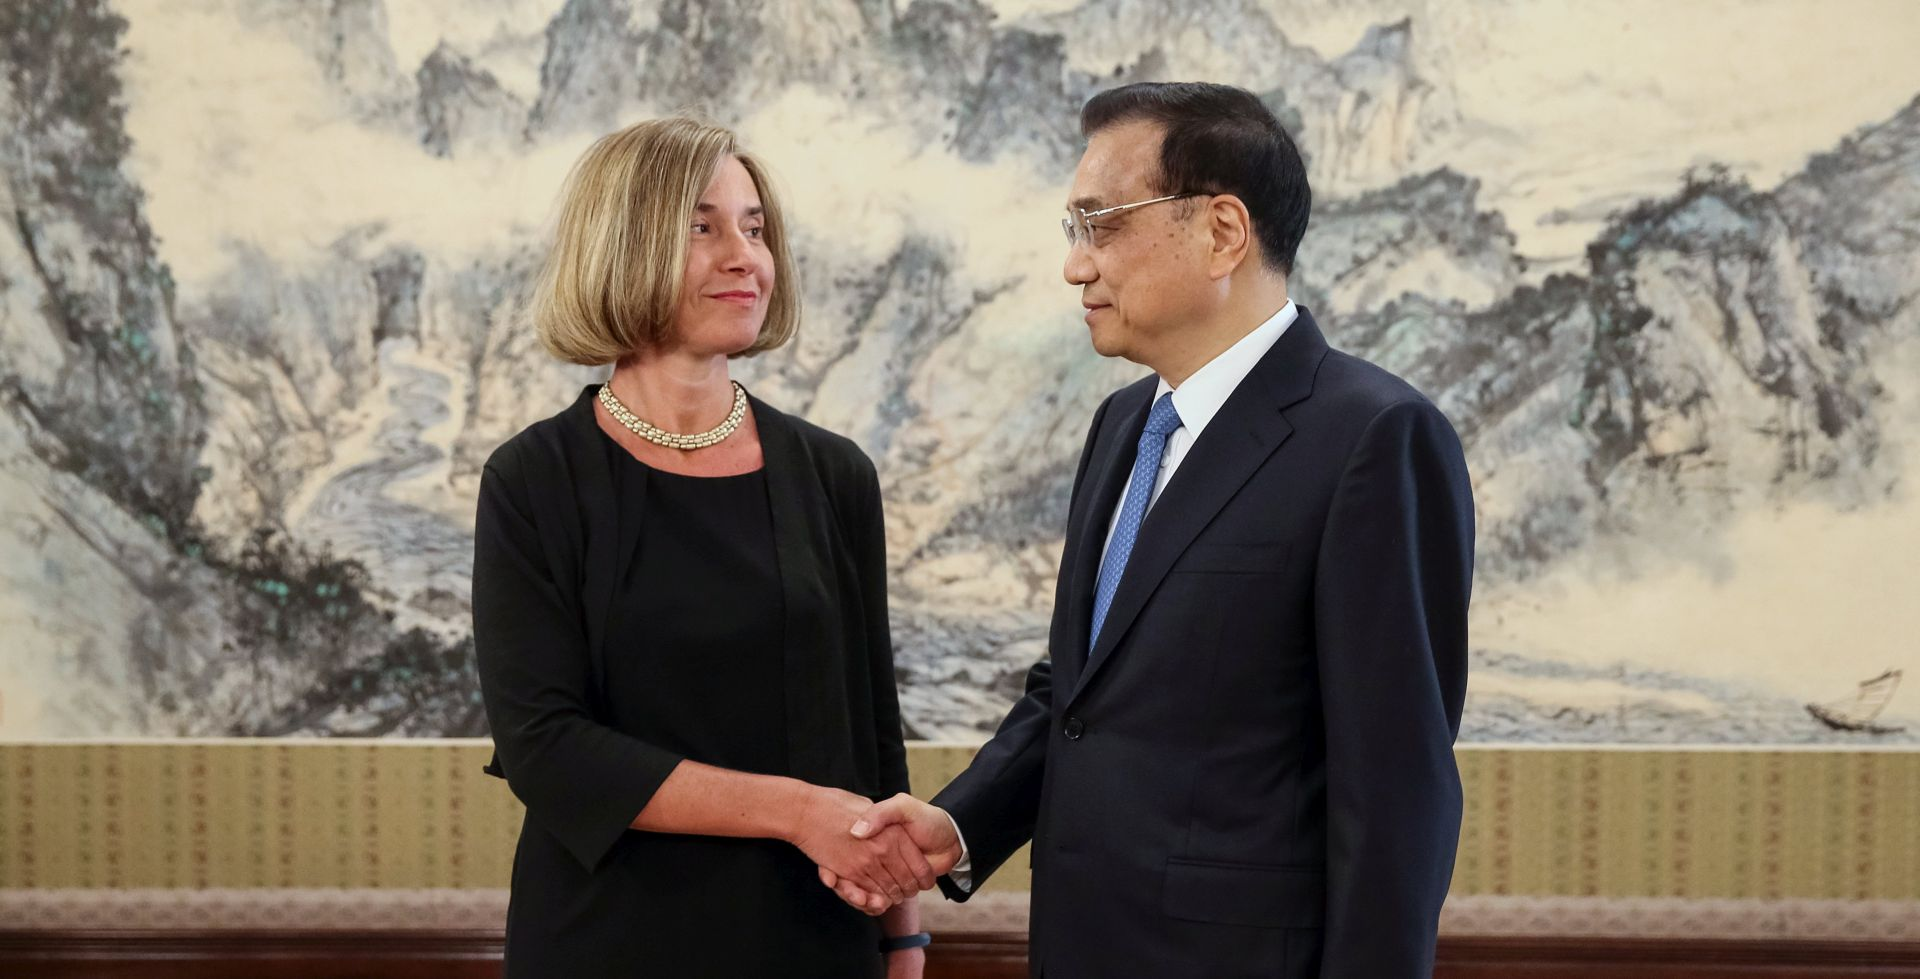 KINESKI PREMIJER 'EU i Kina moraju promovirati slobodnu i poštenu trgovinu'